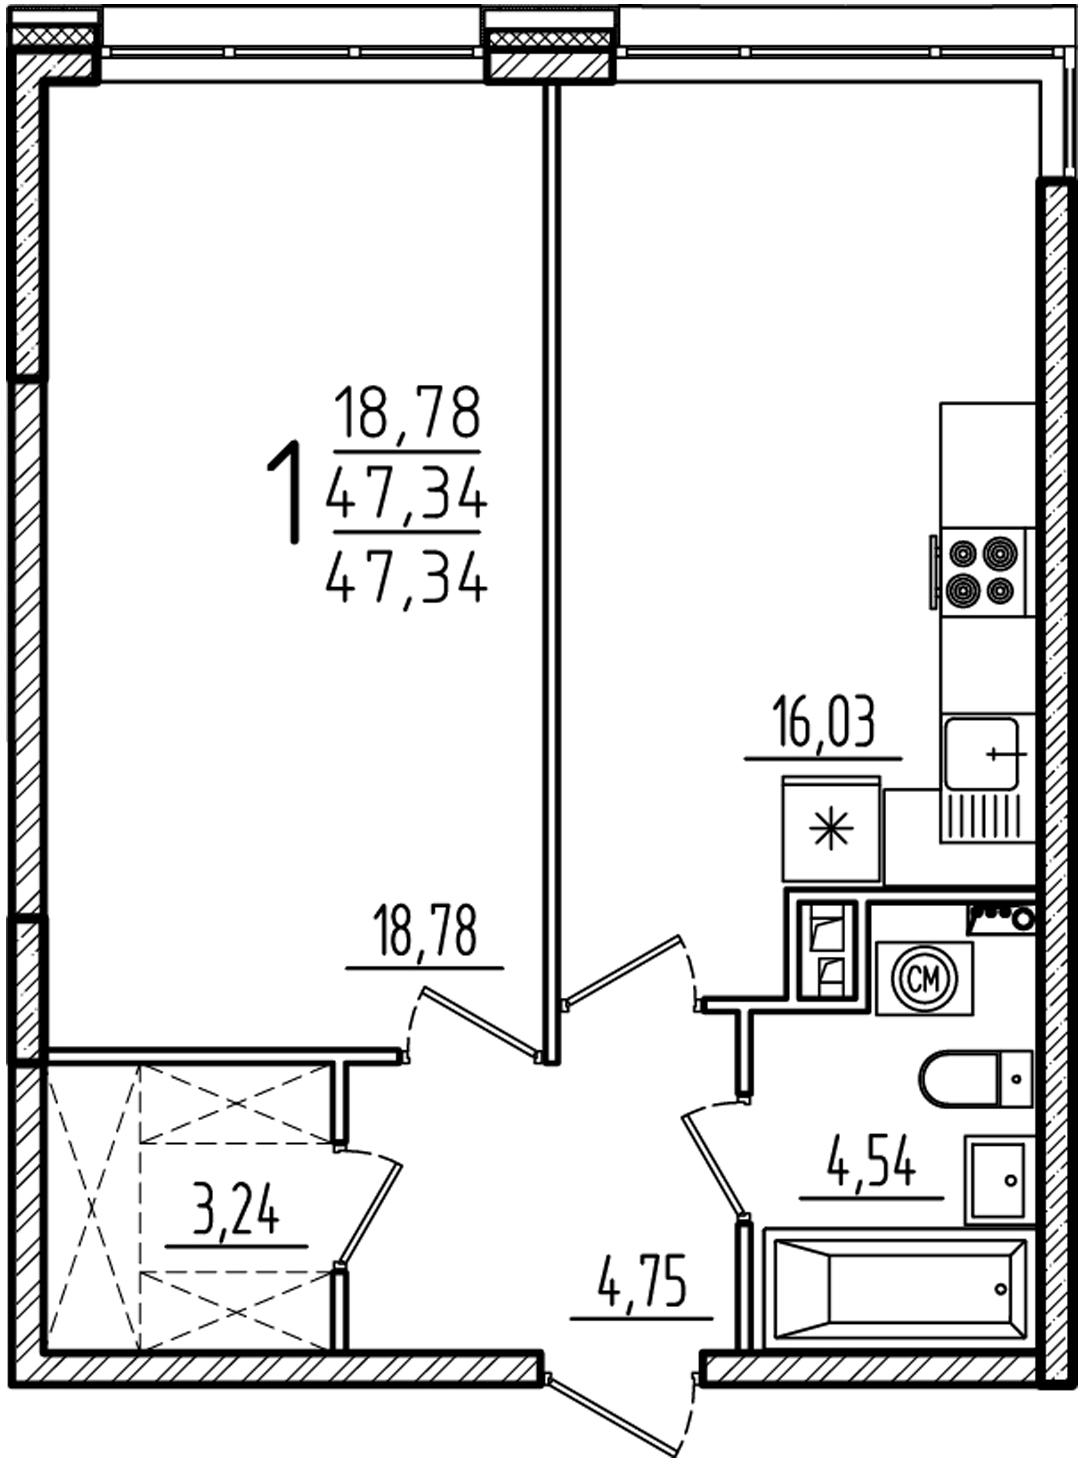 """1 комнатная 47,34 кв. м. (ЖК """"Barton House"""")"""